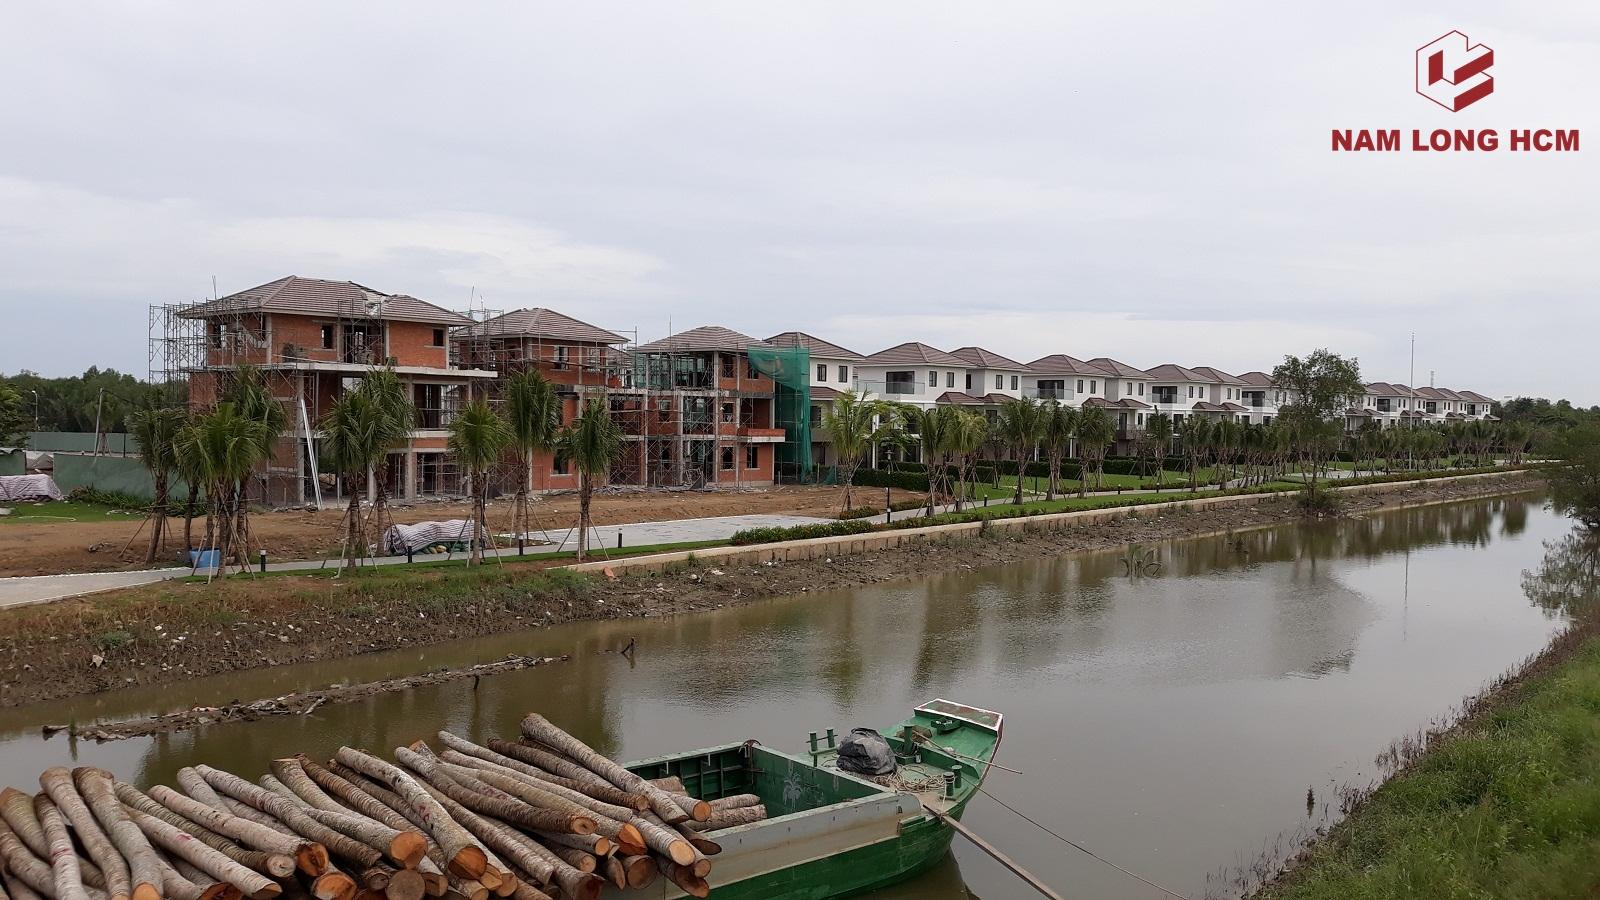 Nhà thầu Nam Khang đang hoàn thiện 3 căn biệt thự B1, B2, B3. Ba căn biệt thự trên được triển khai xây dựng Giai đoạn 2. Ảnh: nam Long HCM